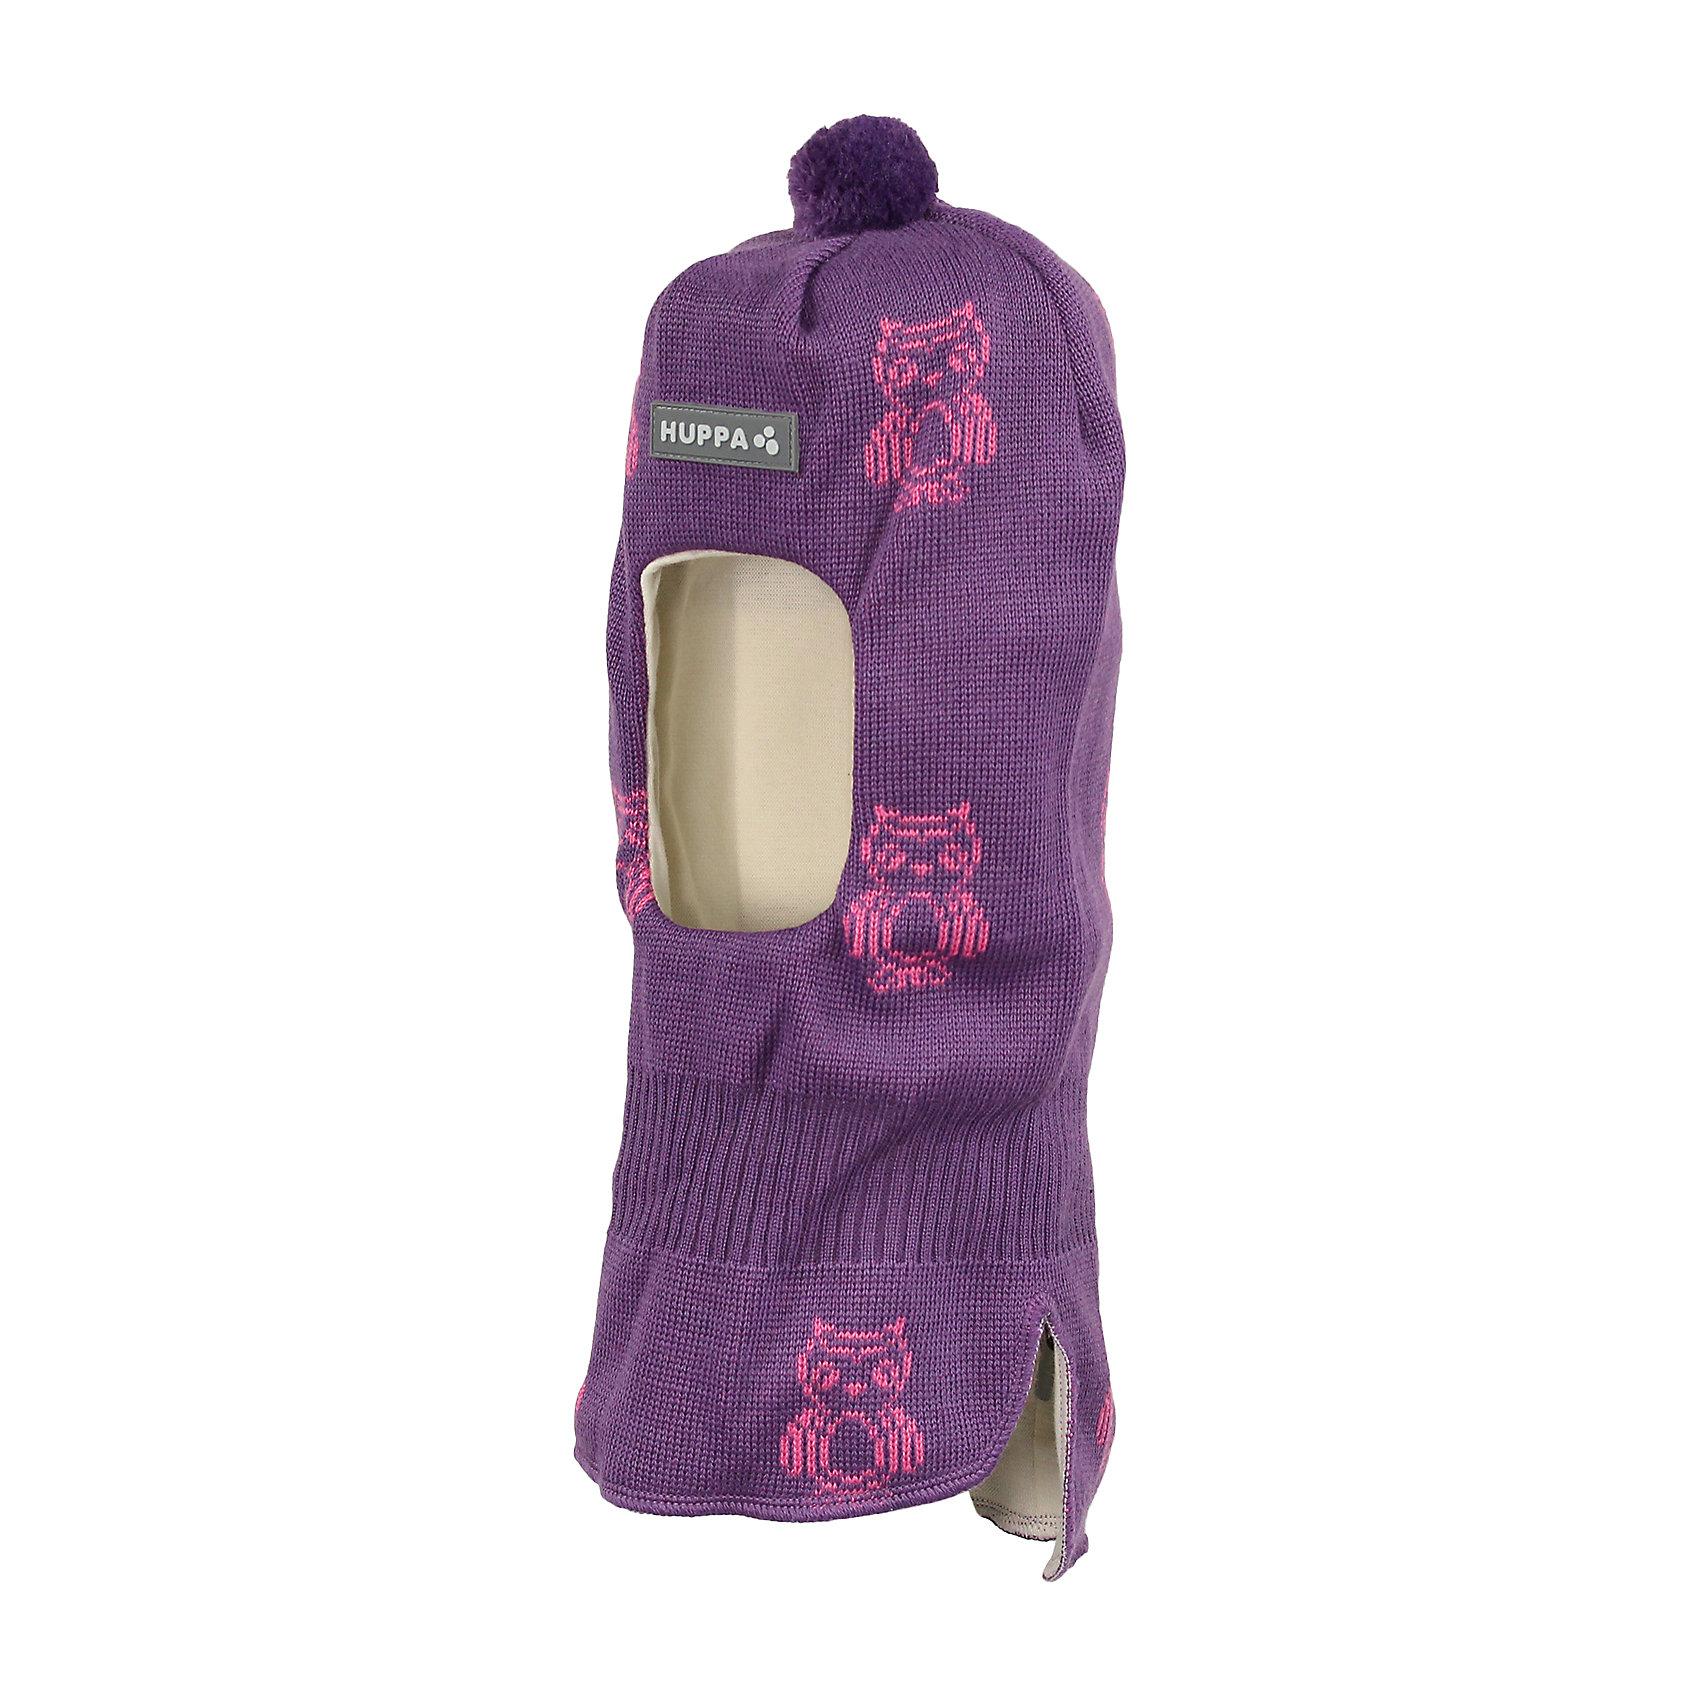 Шапка-шлем для девочки HuppaВязаная шапка-шлем с симпатичными совами для малышей. У шапки подкладка из хлопкового трикотажа, наружная часть из смеси 50% мериносовой шерсти и 50% акриловой пряжи. Шапка-шлем с одним помпоном идеальна для прогулок во дворе в зимние холода, потому что защищает шею и уши ребенка от холодного ветра. Особенно удобно ее надевать ребенку самому, потому что вместо двух аксессуаров нужно надеть только один.<br><br>Шапку-шлем для девочки Huppa (Хуппа) можно купить в нашем магазине.<br><br>Ширина мм: 89<br>Глубина мм: 117<br>Высота мм: 44<br>Вес г: 155<br>Цвет: фиолетовый<br>Возраст от месяцев: 9<br>Возраст до месяцев: 12<br>Пол: Женский<br>Возраст: Детский<br>Размер: 43-45,51-53,47-49<br>SKU: 4243036